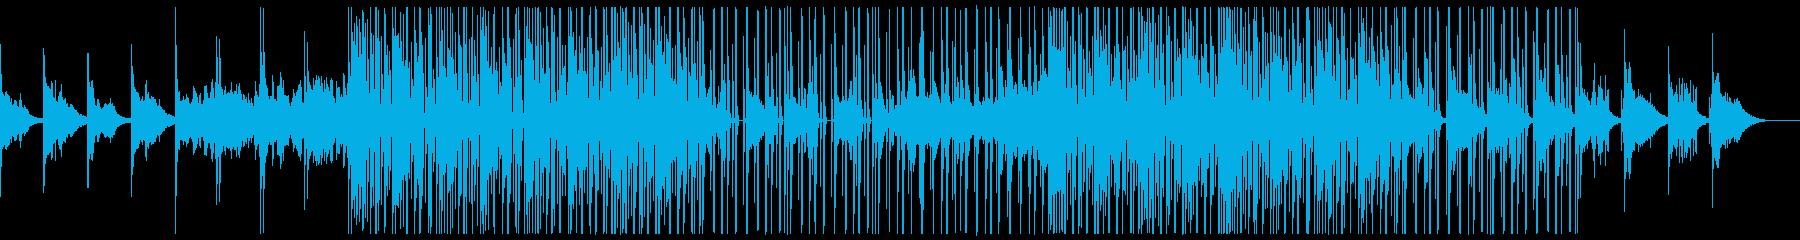 ダークなエレクトロBGMの再生済みの波形